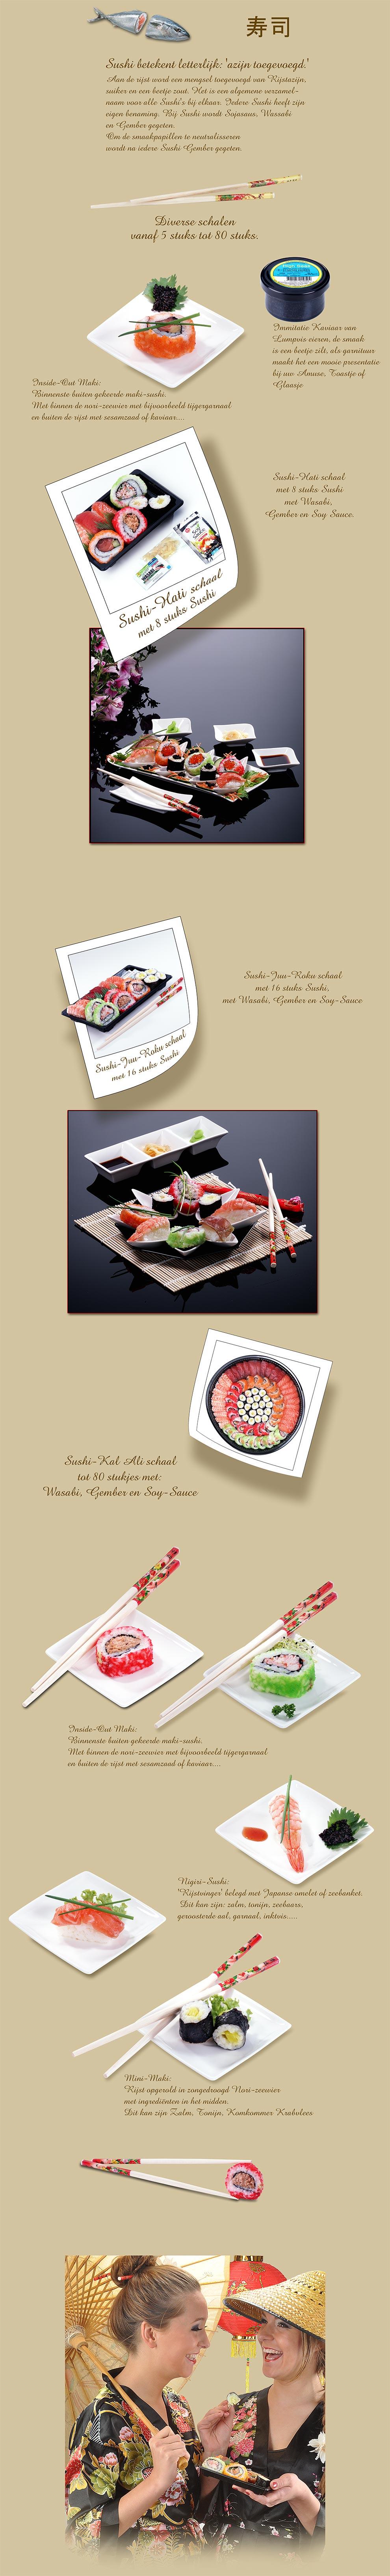 delicatessen-sushi